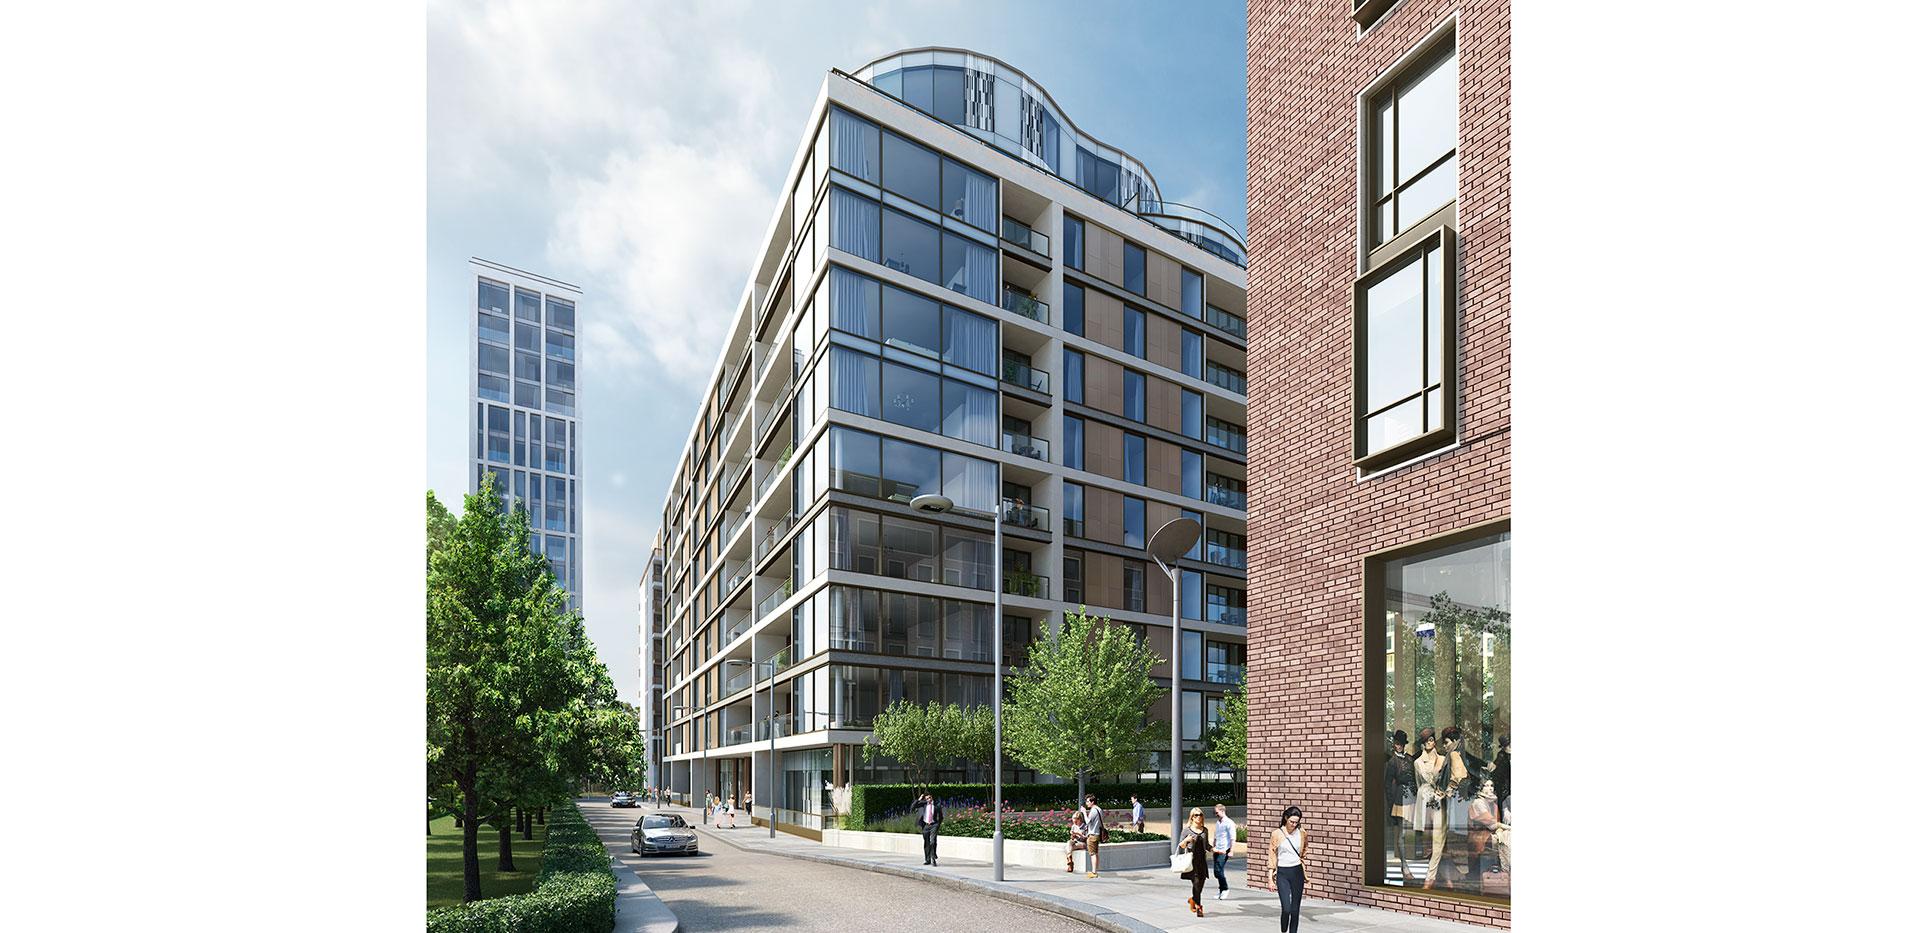 St Edwards, Kensington Row, Mowbray House, Kitchen CGI